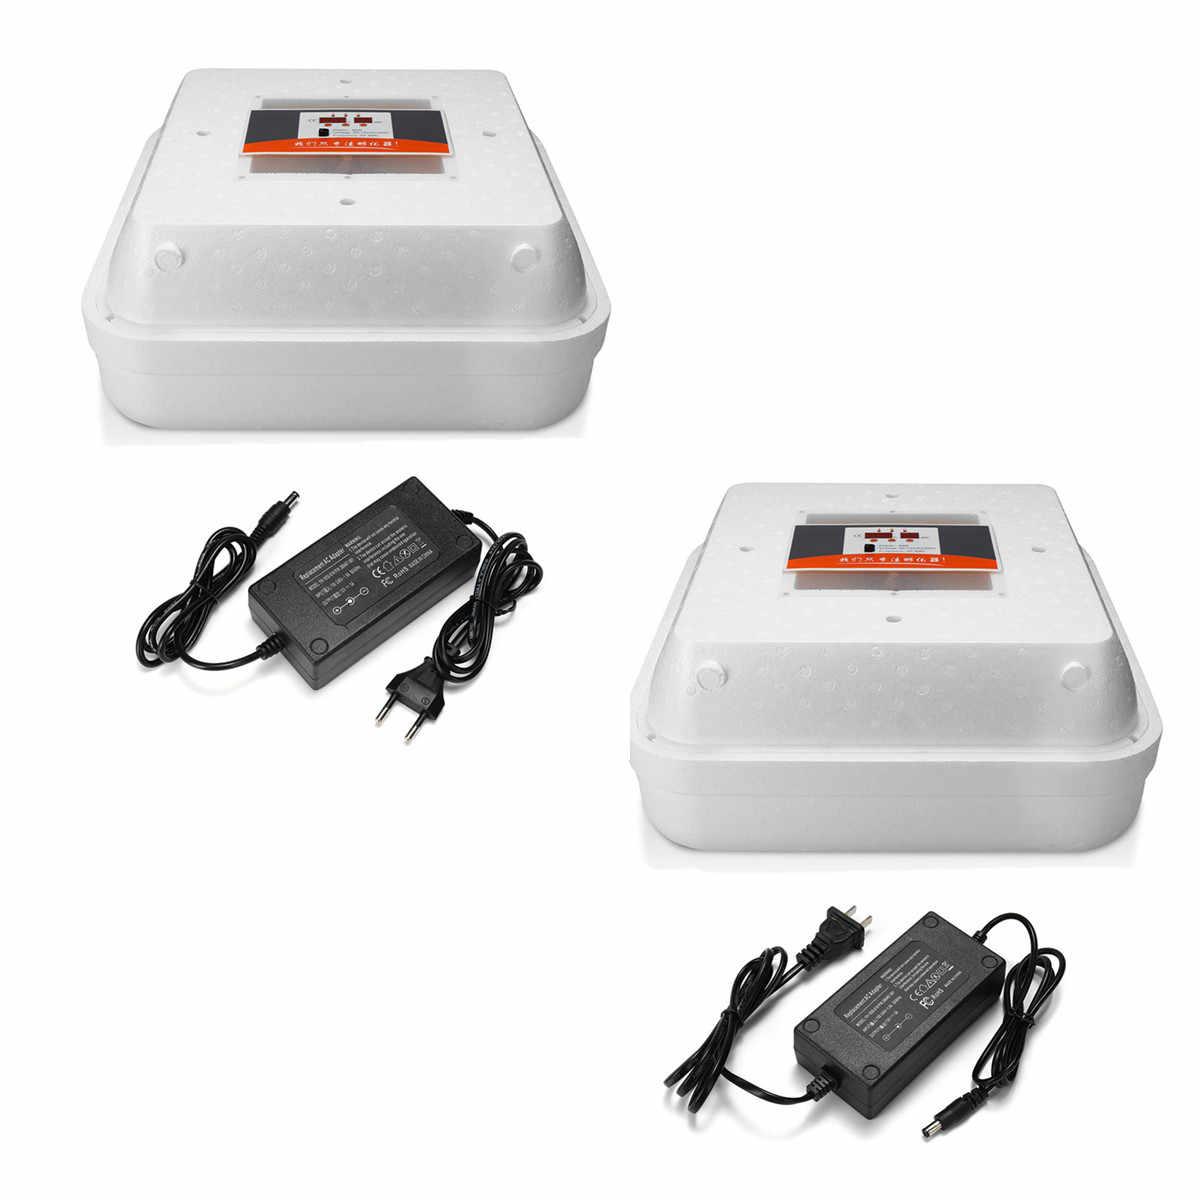 Автоматическое Оборудование Для Сбора Яиц 55 яиц инкубатор полностью светодиодный Тернер куриный утка цифровой дисплей умный чувствительный США/ЕС штекер